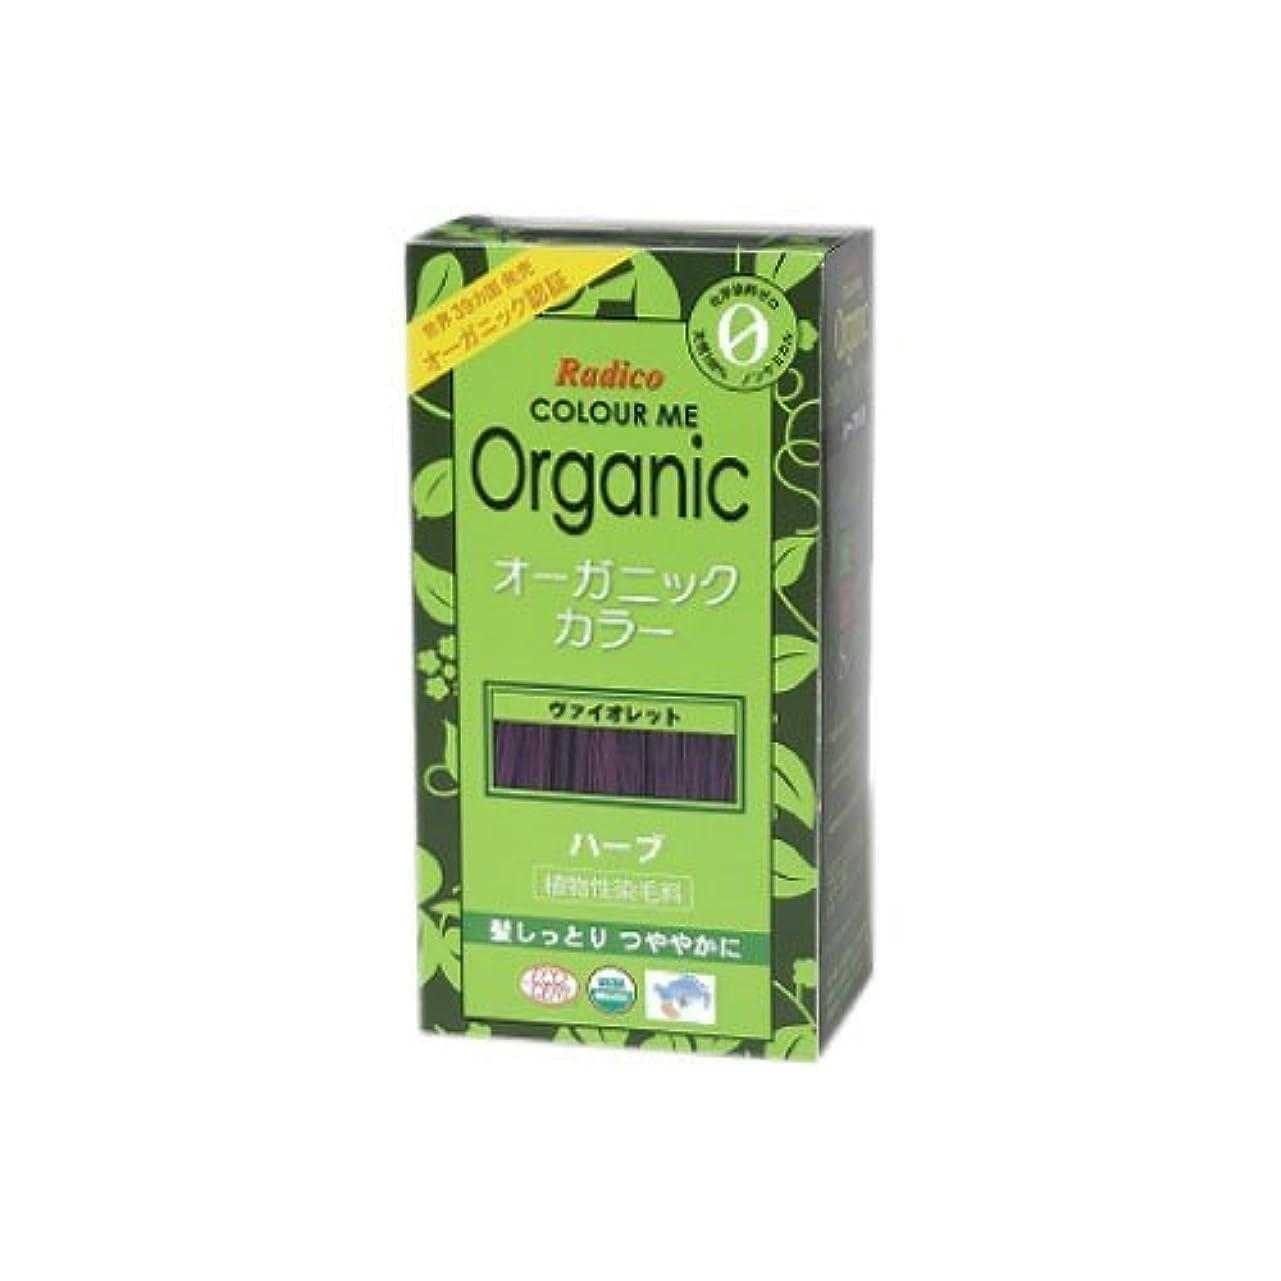 バンド副産物宝石COLOURME Organic (カラーミーオーガニック ヘナ 白髪用 紫色) ヴァイオレット 100g